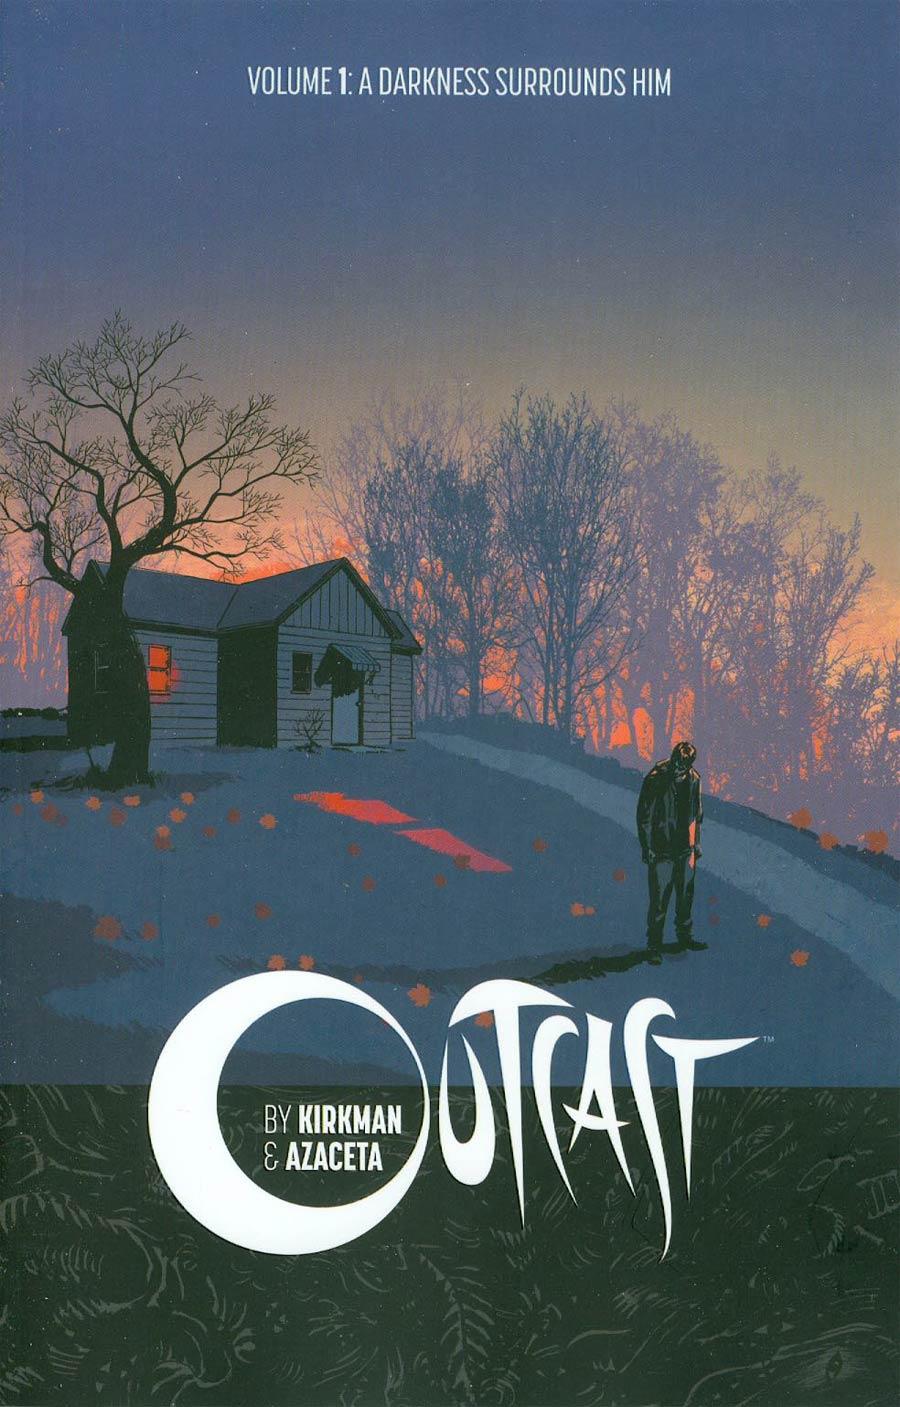 Outcast By Kirkman & Azaceta Vol 1 TP